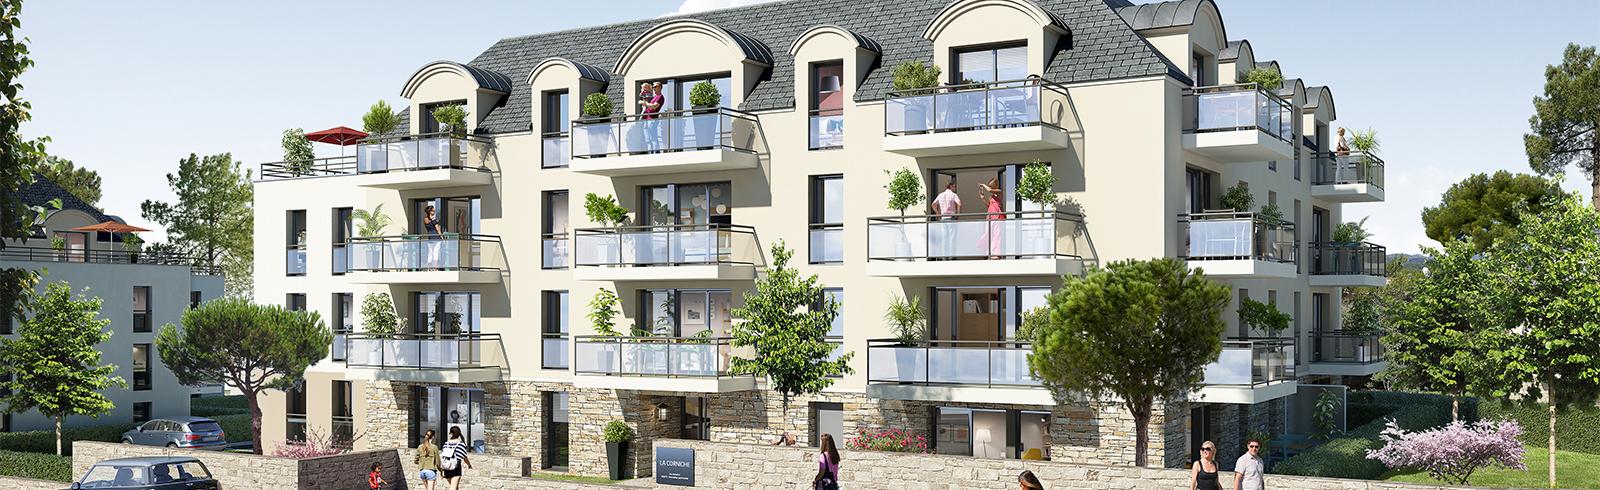 Programmes immobiliers neufs à Concarneau dans le Finistère